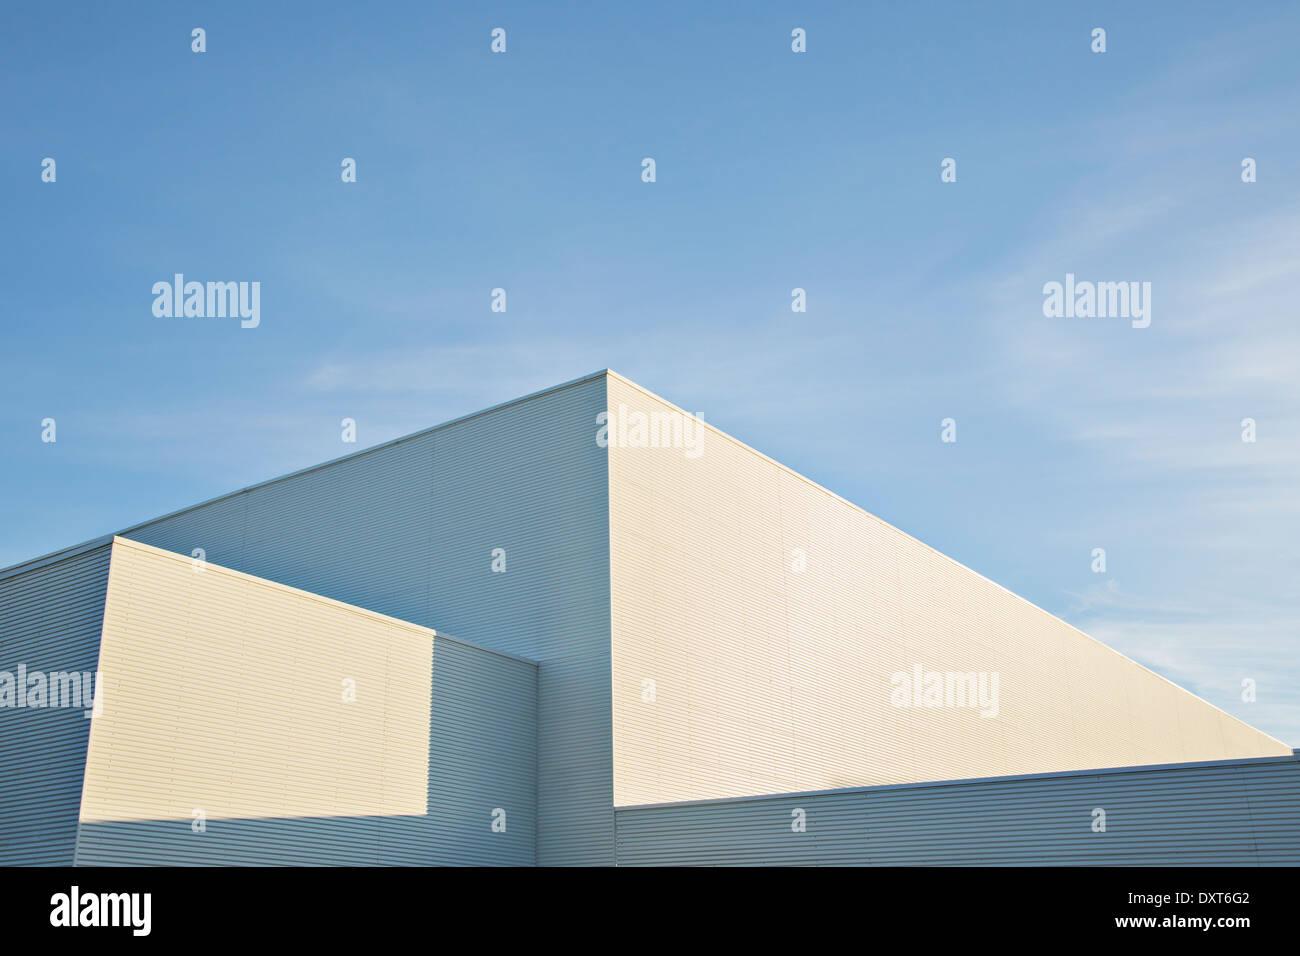 El sol brillaba sobre los edificios contra el cielo azul Imagen De Stock